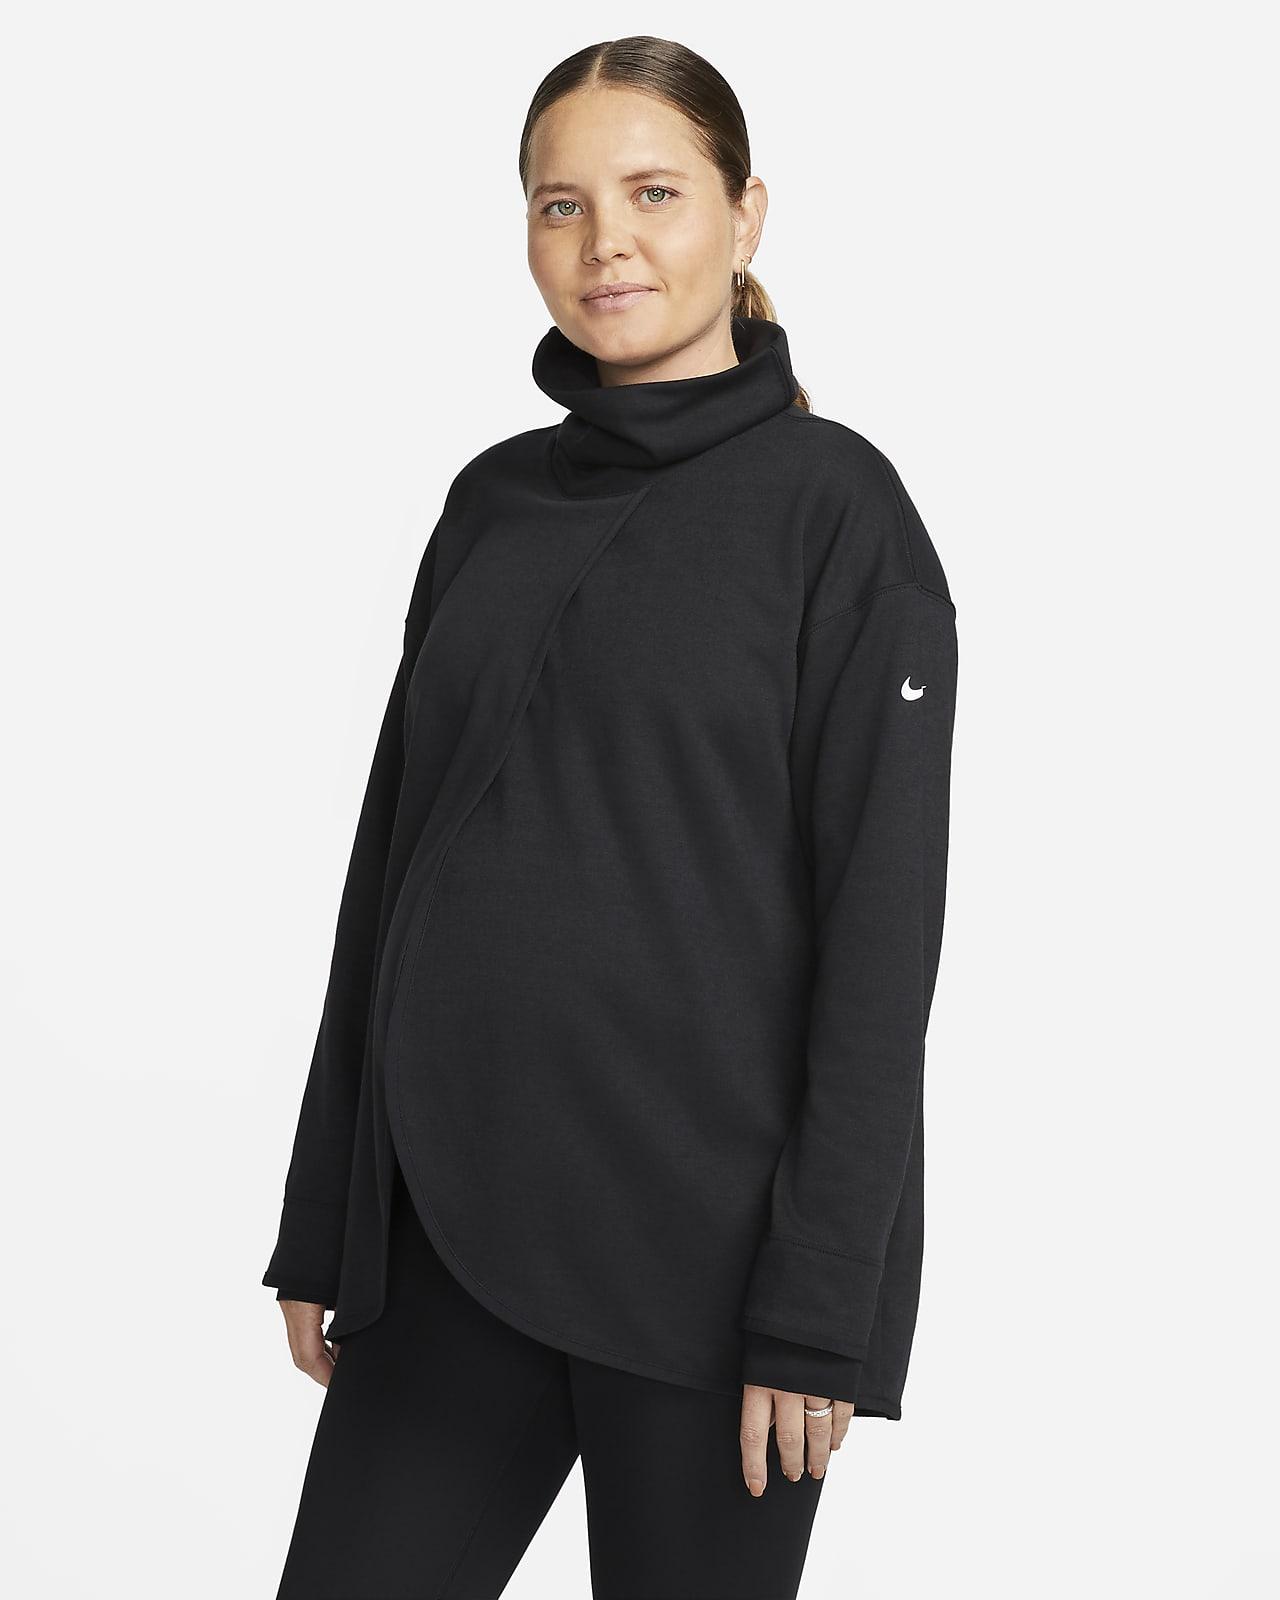 Sudadera sin cierre para mujer (de maternidad) Nike (M)